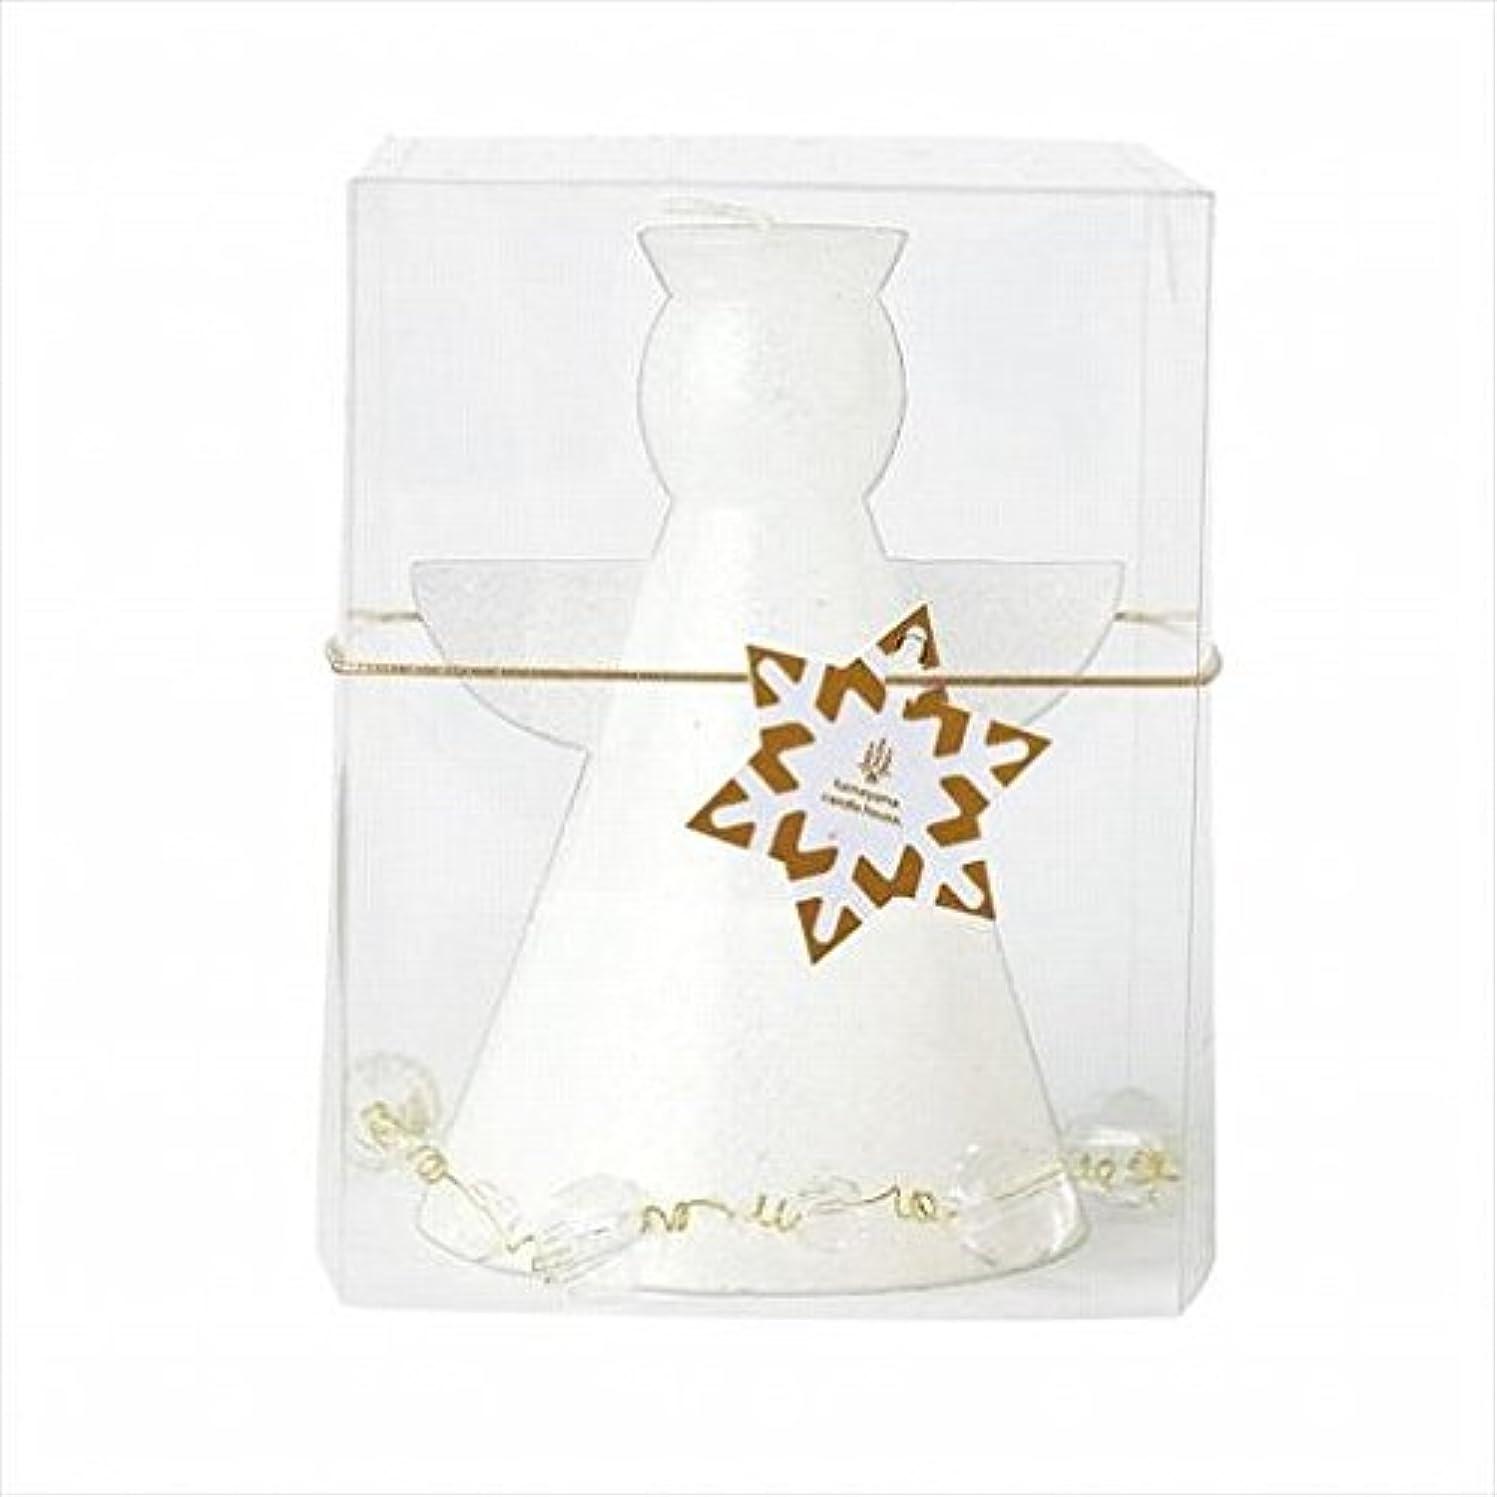 絶対にホイストめまいkameyama candle(カメヤマキャンドル) クリスタルアンジェリカ 「 ホワイト 」(A9580000W)